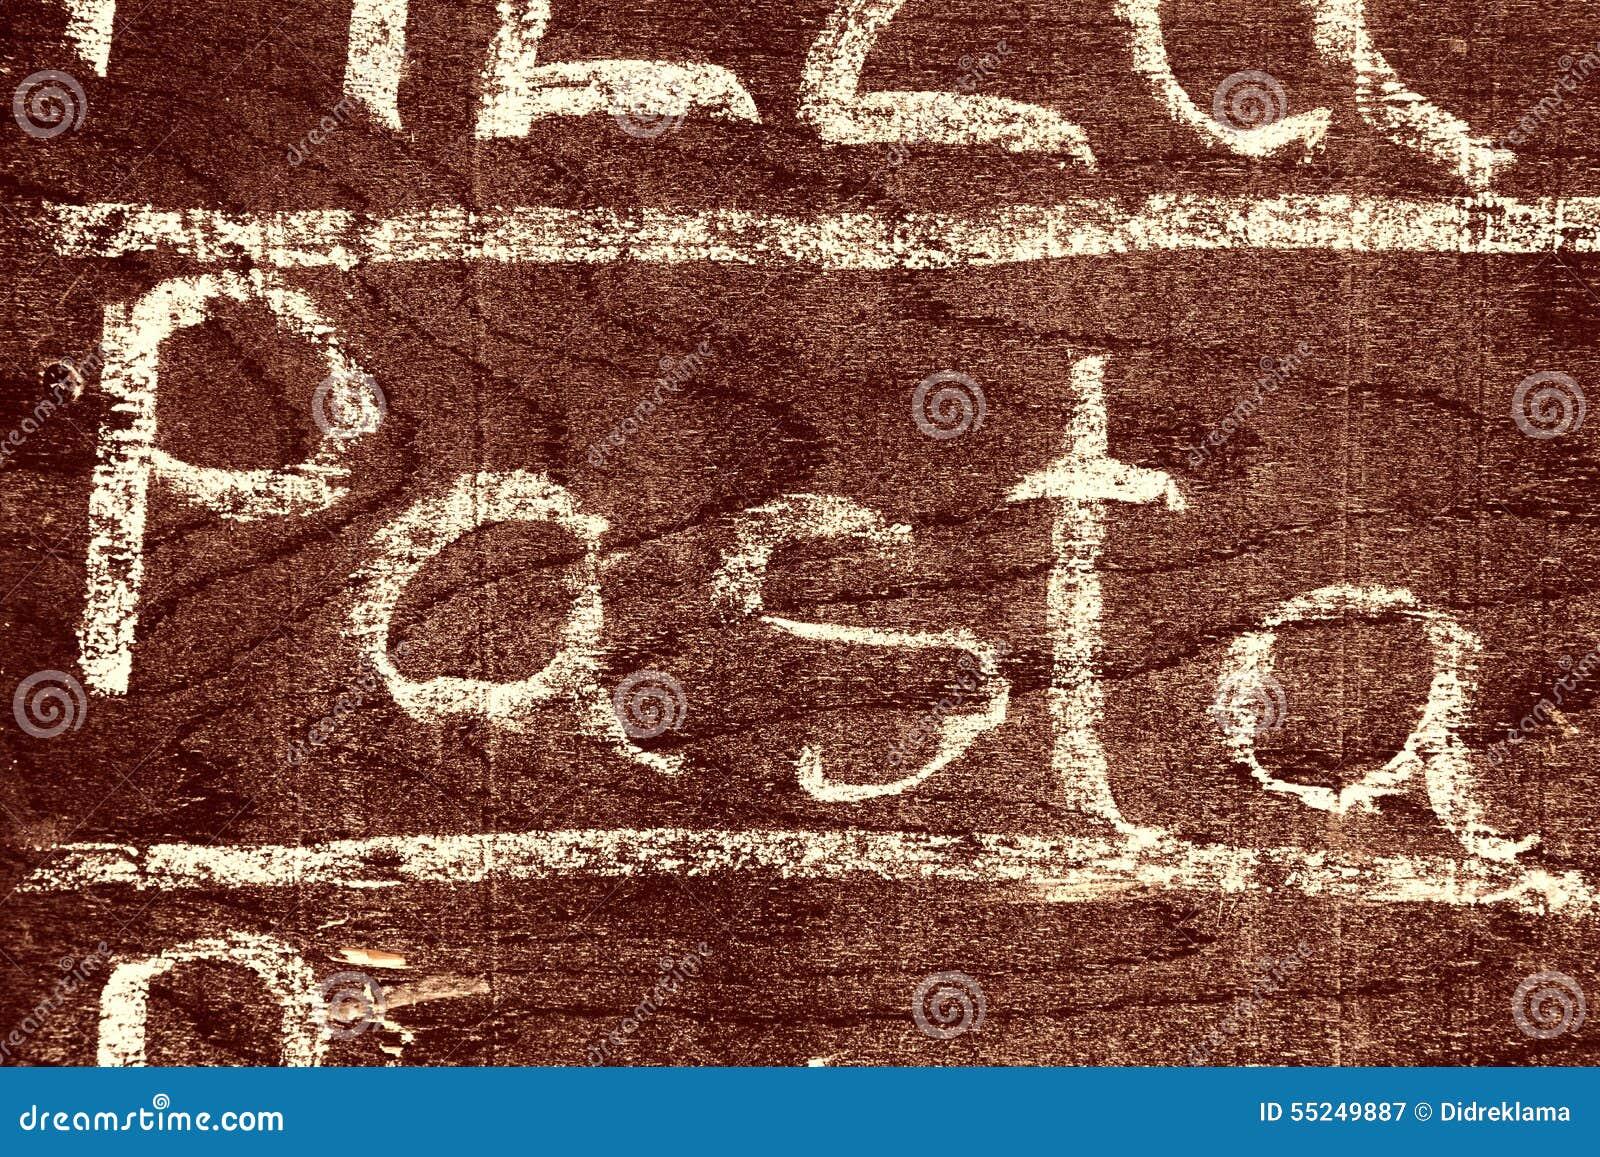 Handgeschriebene Aufschrift TEIGWAREN mit Kreide